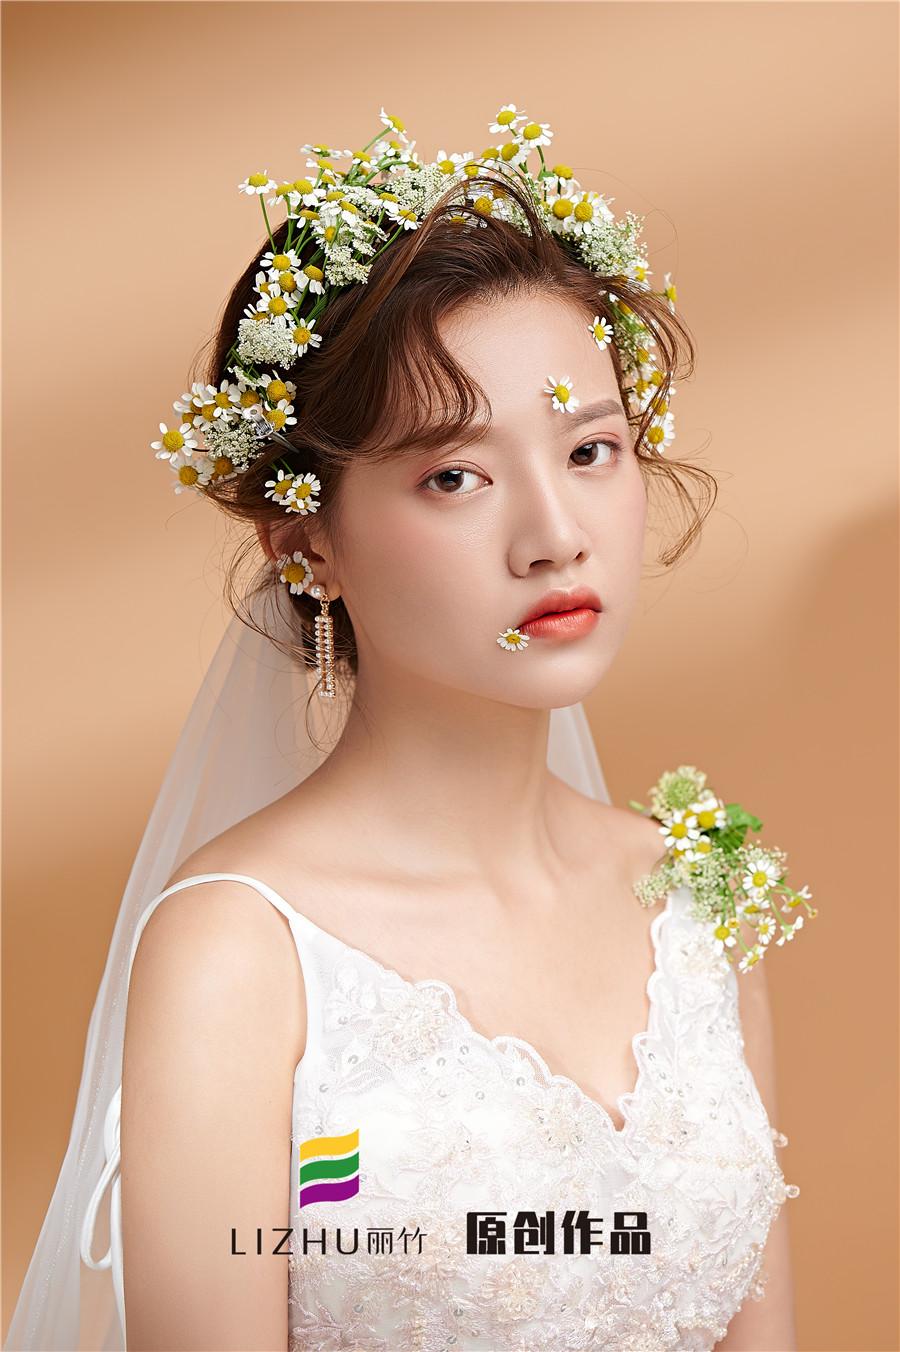 时尚鲜花新娘造型